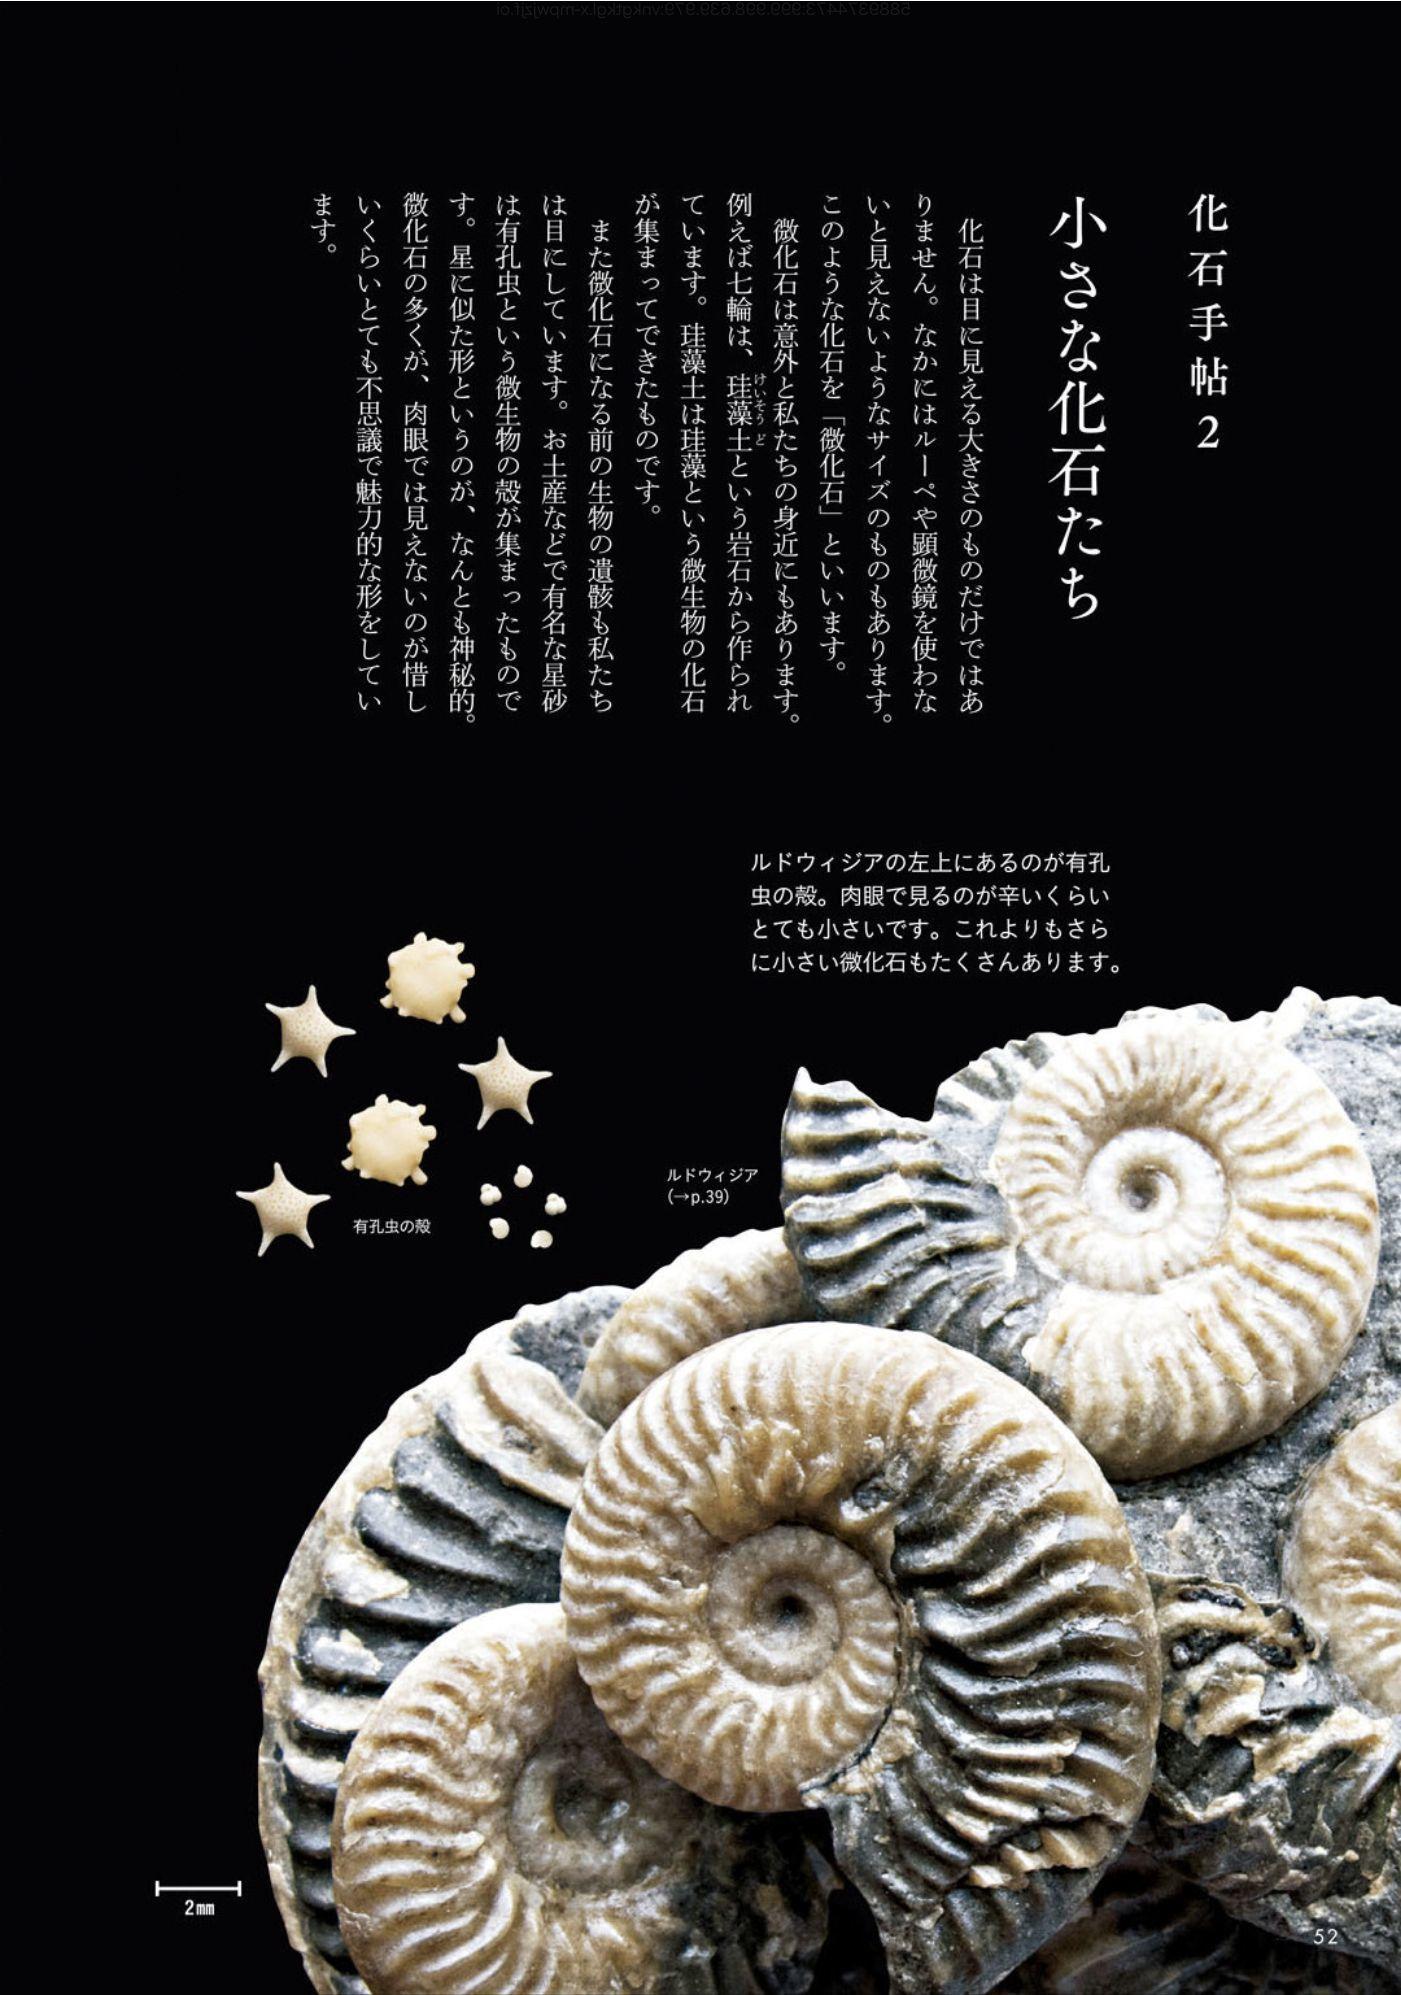 クワズイモとクマネズミと「ときめく化石図鑑」_c0025115_21575015.jpg